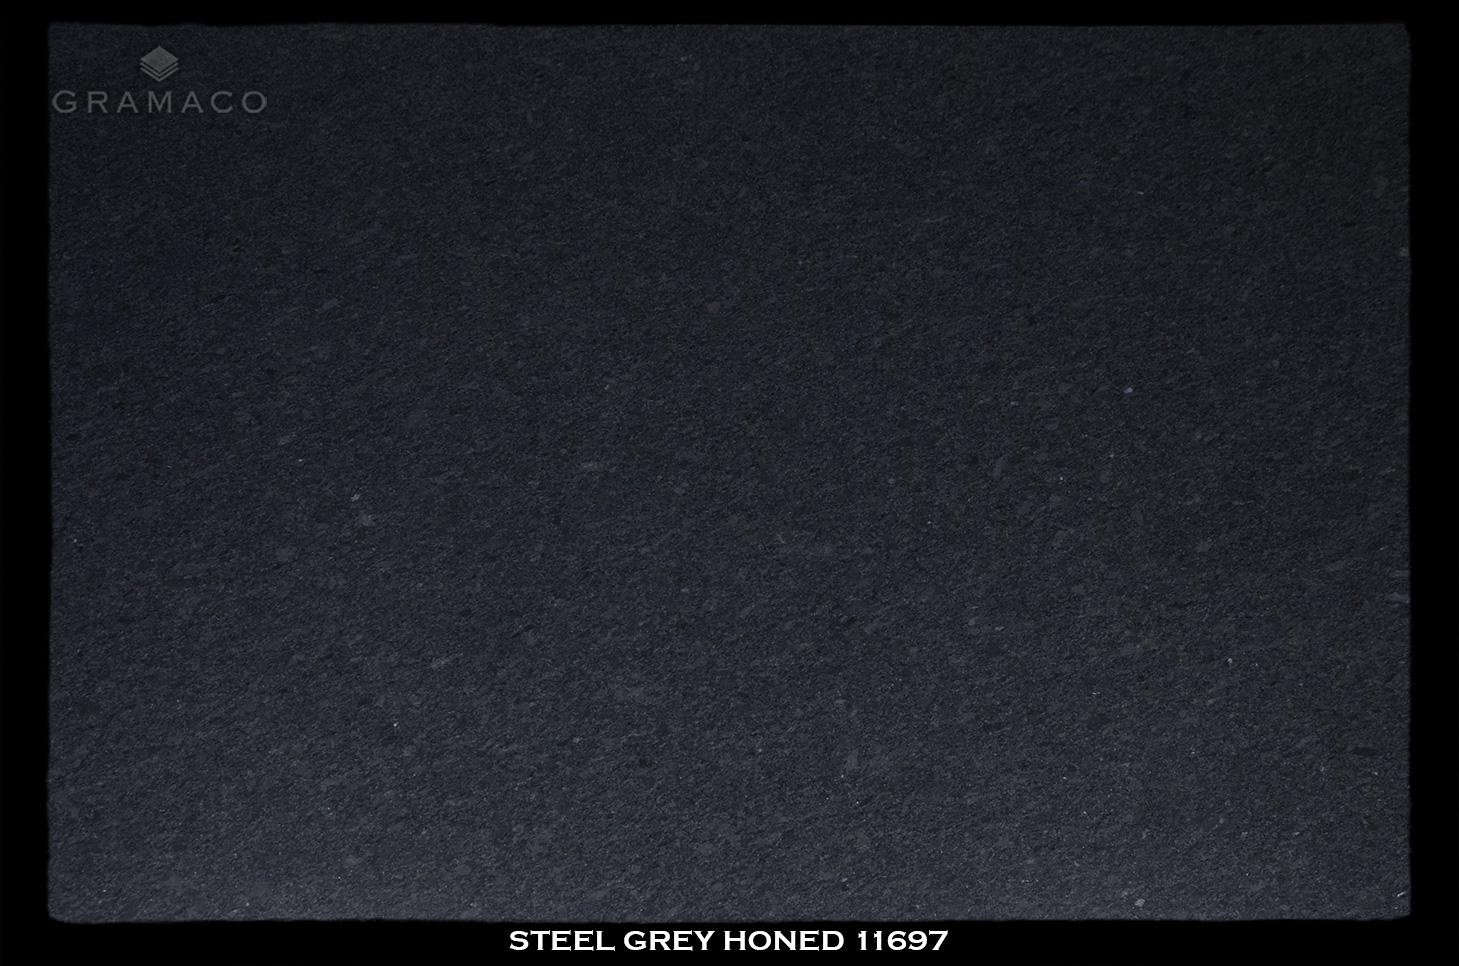 STEEL-GREY-HONED-11697-slab